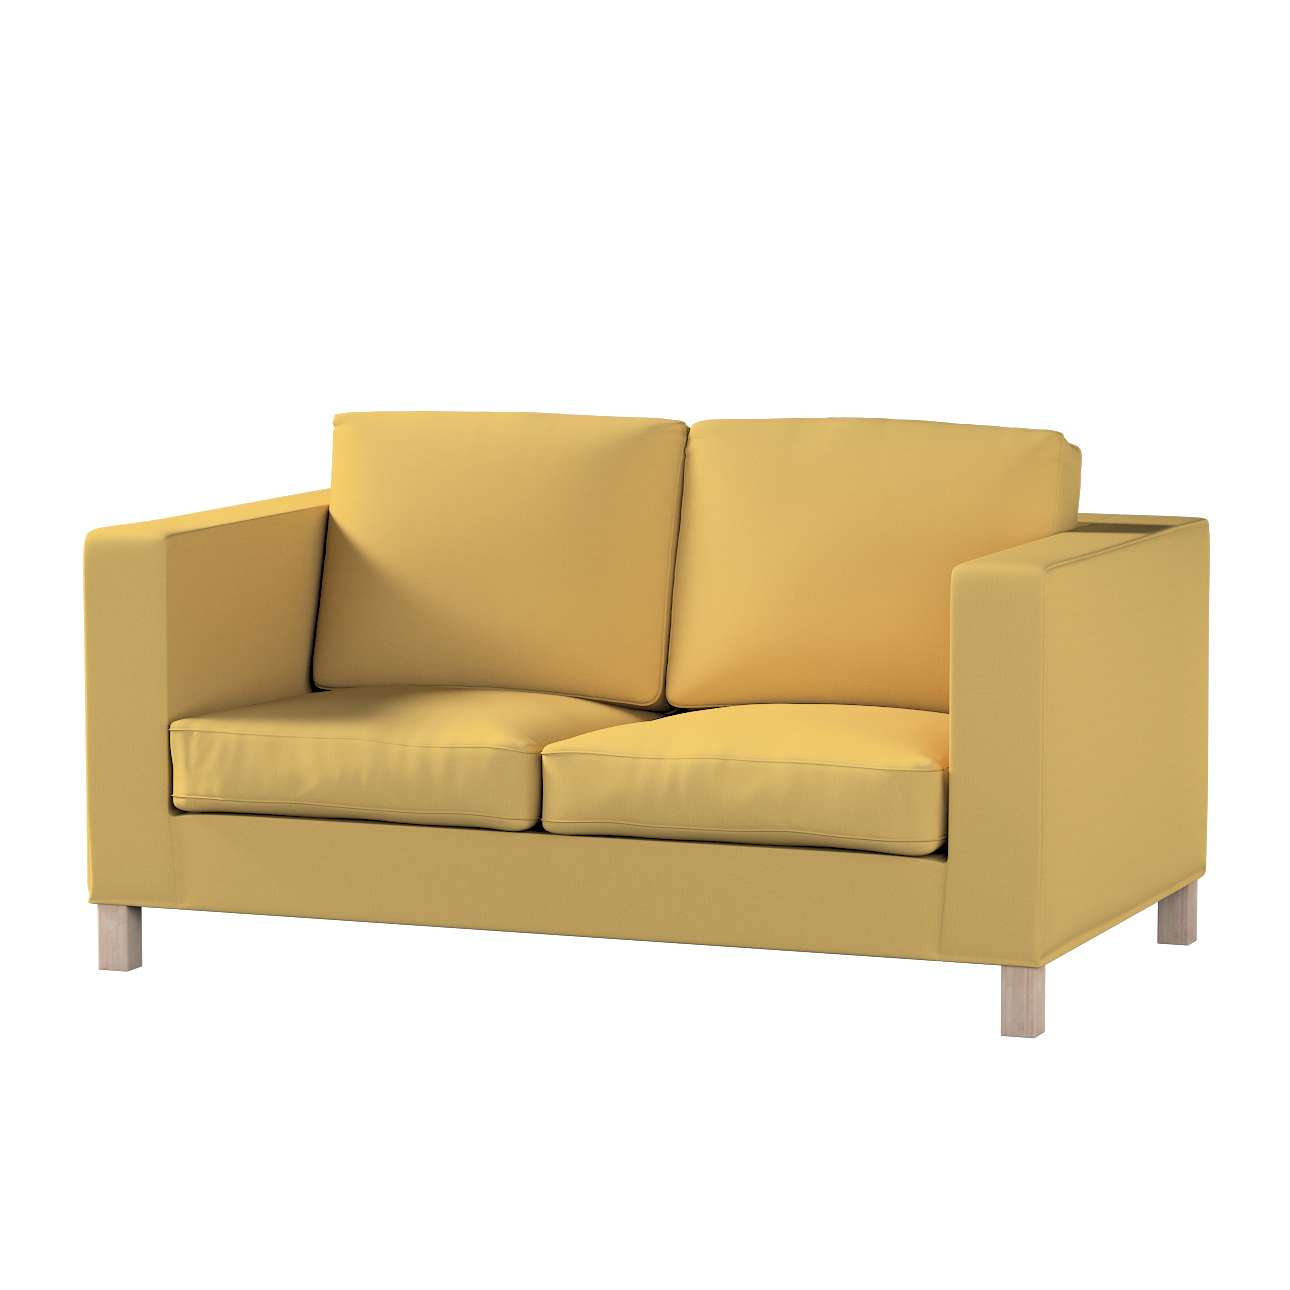 Bezug für Karlanda 2-Sitzer Sofa nicht ausklappbar, kurz von der Kollektion Cotton Panama, Stoff: 702-41